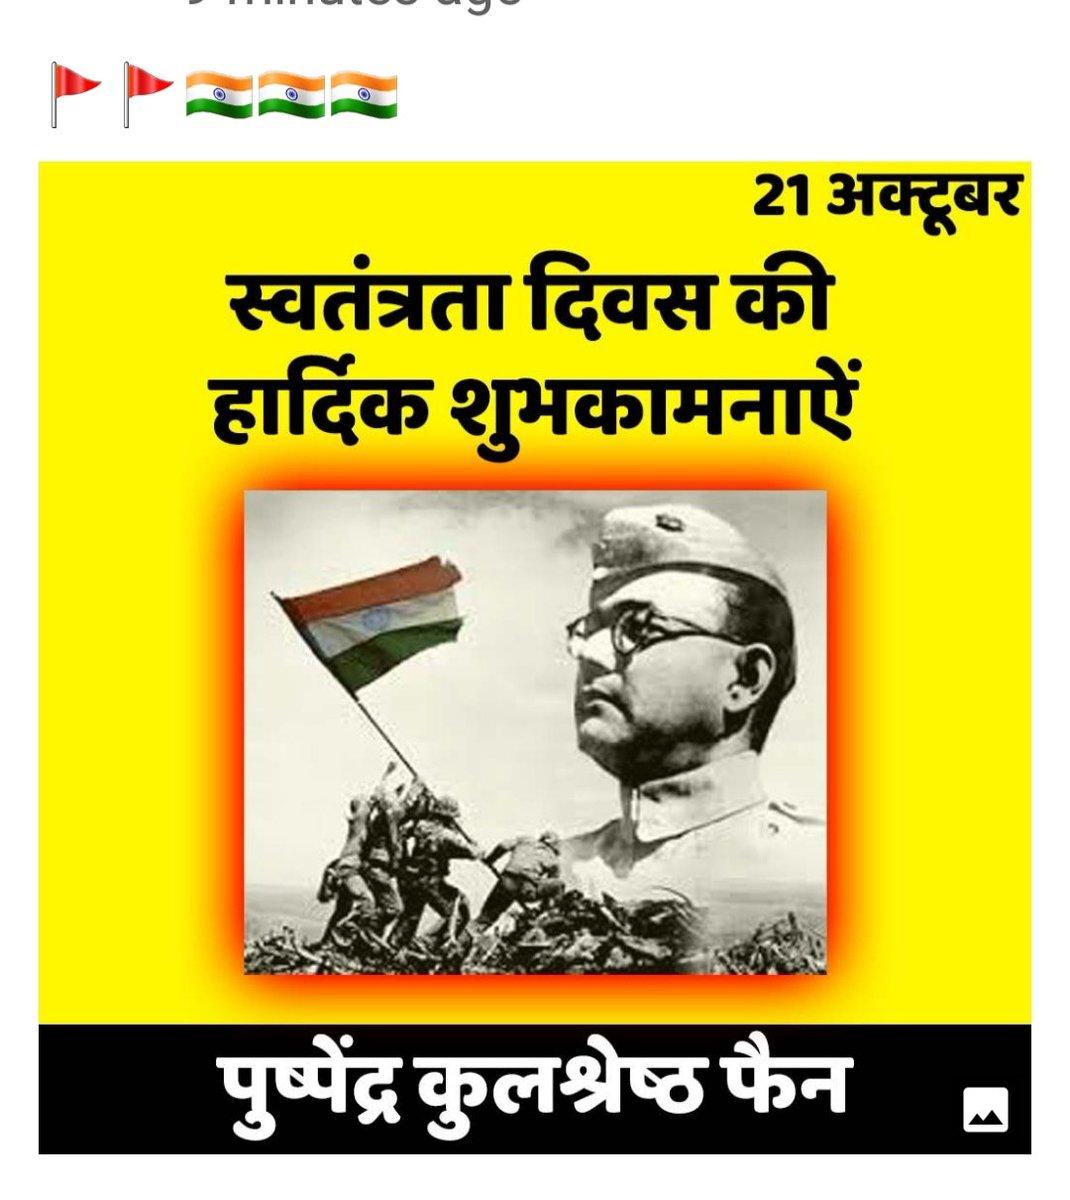 #सुभाष_चन्द्र_बोस ने आज #21अक्टूबर_1943 को #पोर्ट_ब्लेयर में पूरे लाव-लश्कर के साथ तिरंगा फहराया था! वही दिन भारत की स्वतंत्रता का असली दिन था! रूस सहित विश्व के 11देशों ने भारत की आज़ादी को मान्यता भी दी थी! भारत ने अपनी करेंसी और डाक टिकट भी ज़ारी किये थे. #IndependenceDay